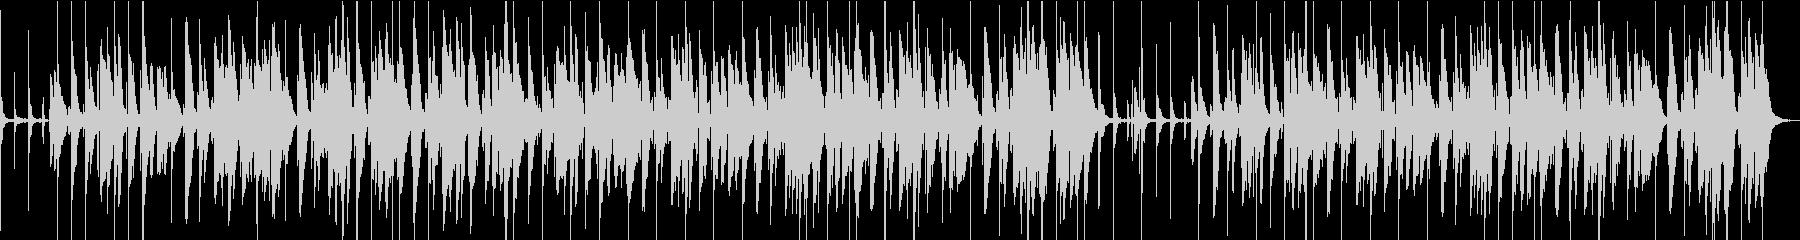 ピアノとフレットレスベースが特徴の...の未再生の波形